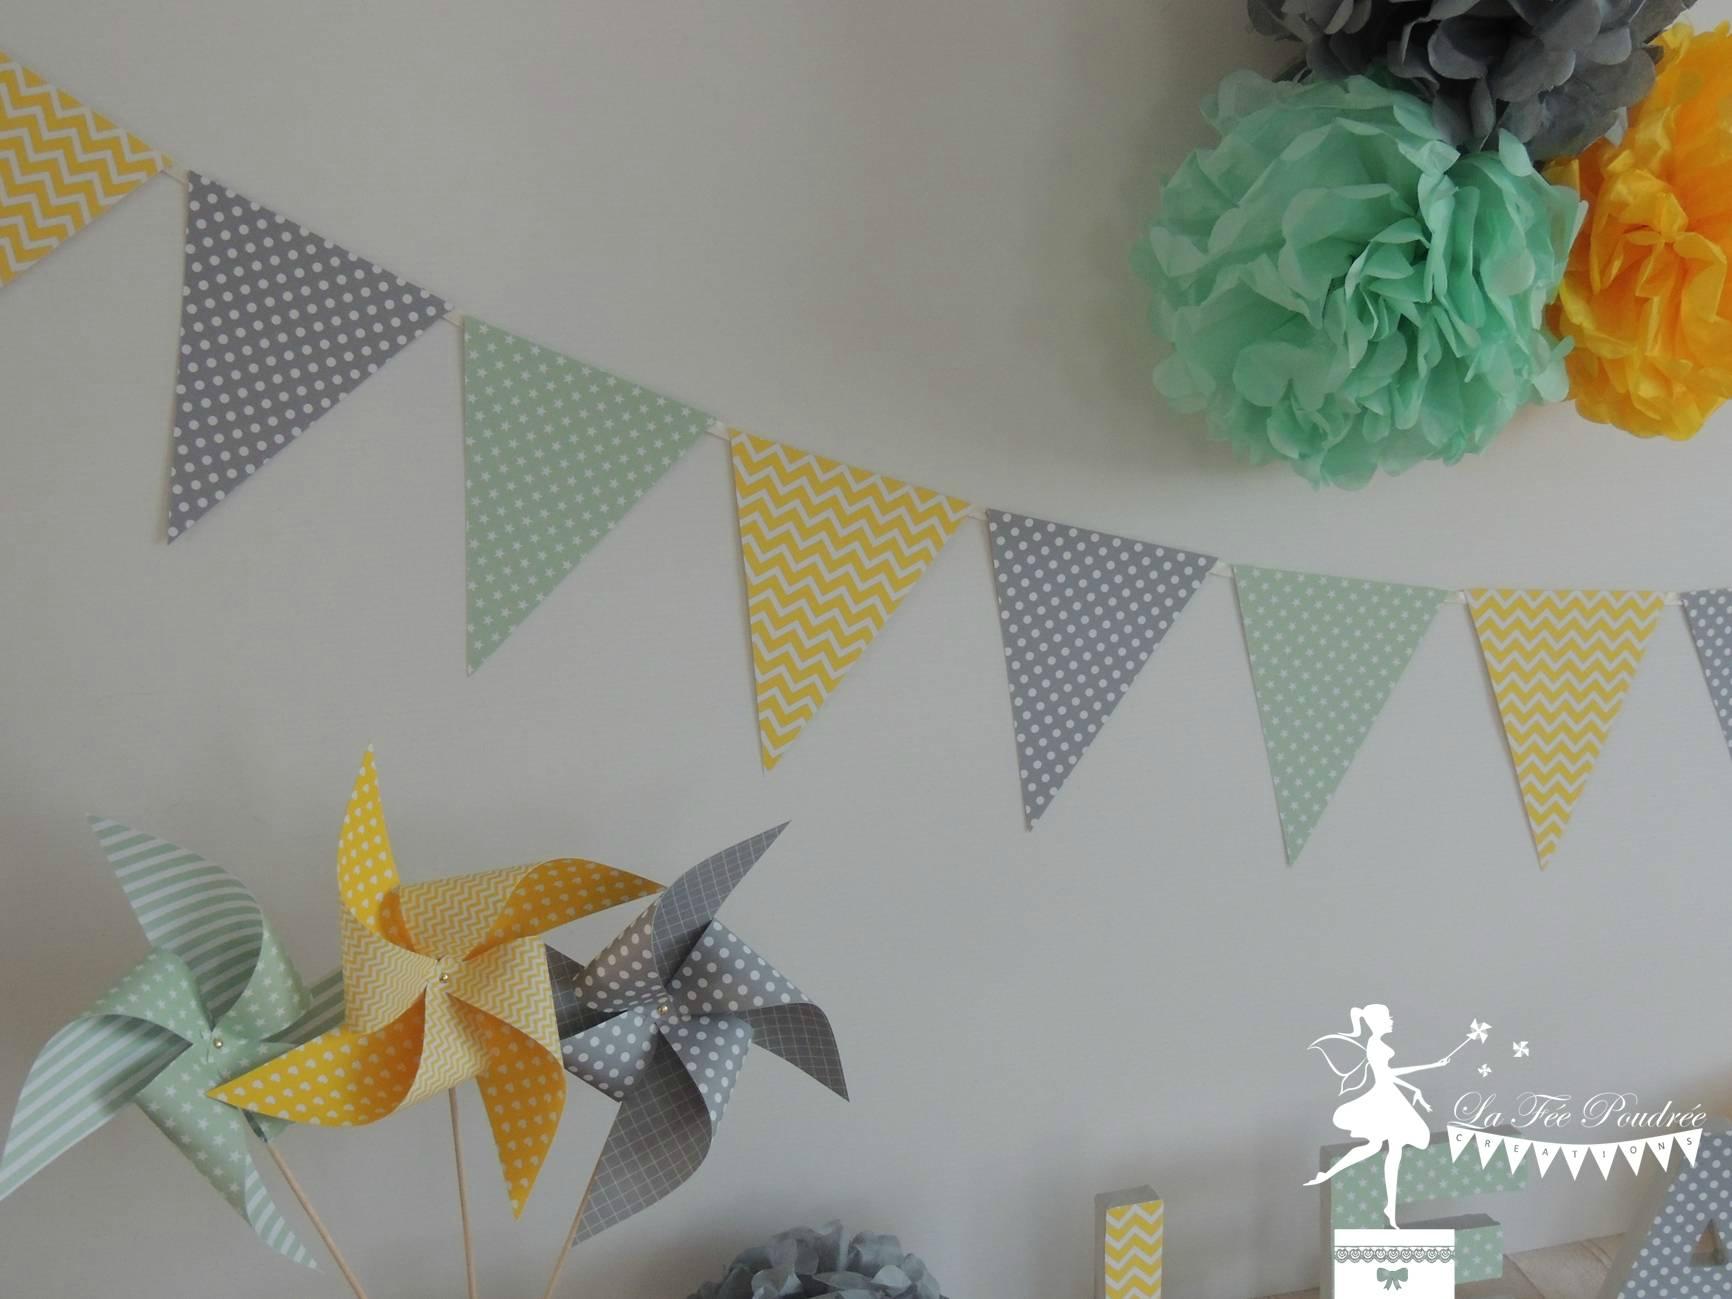 decoration mariage bapteme baby shower anniversaire pompon guirlande fanions moulin2